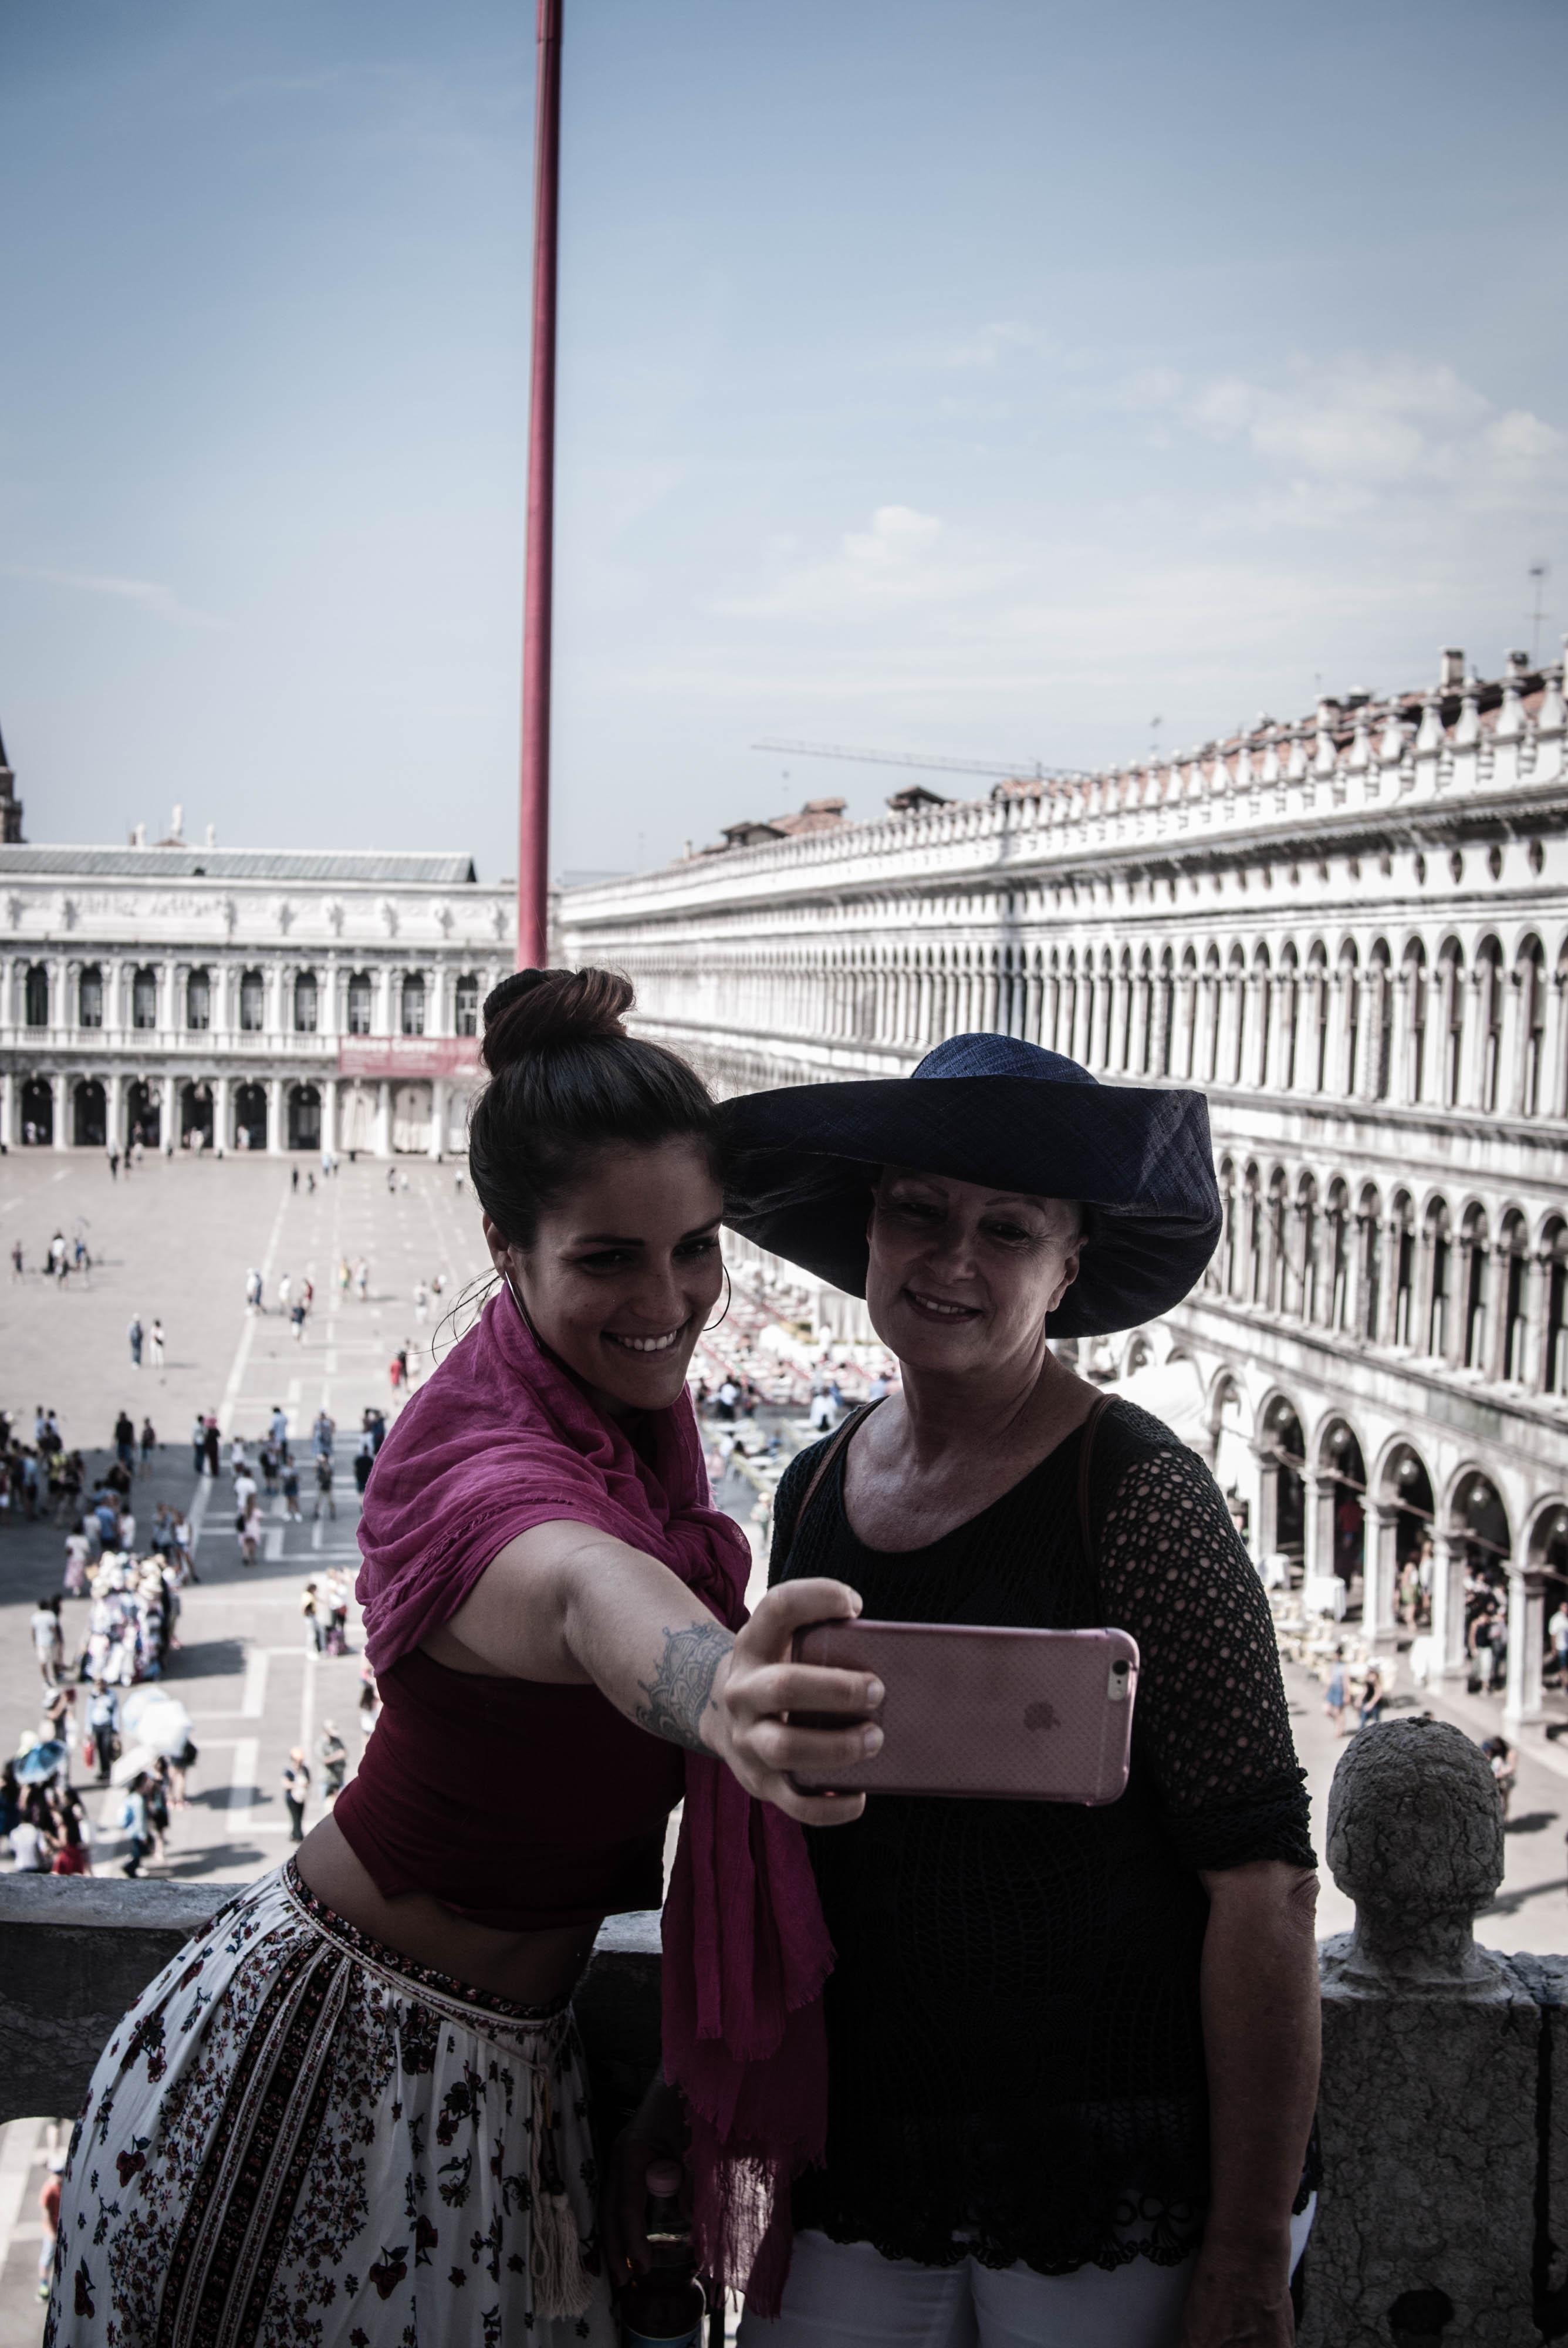 Selfies #2